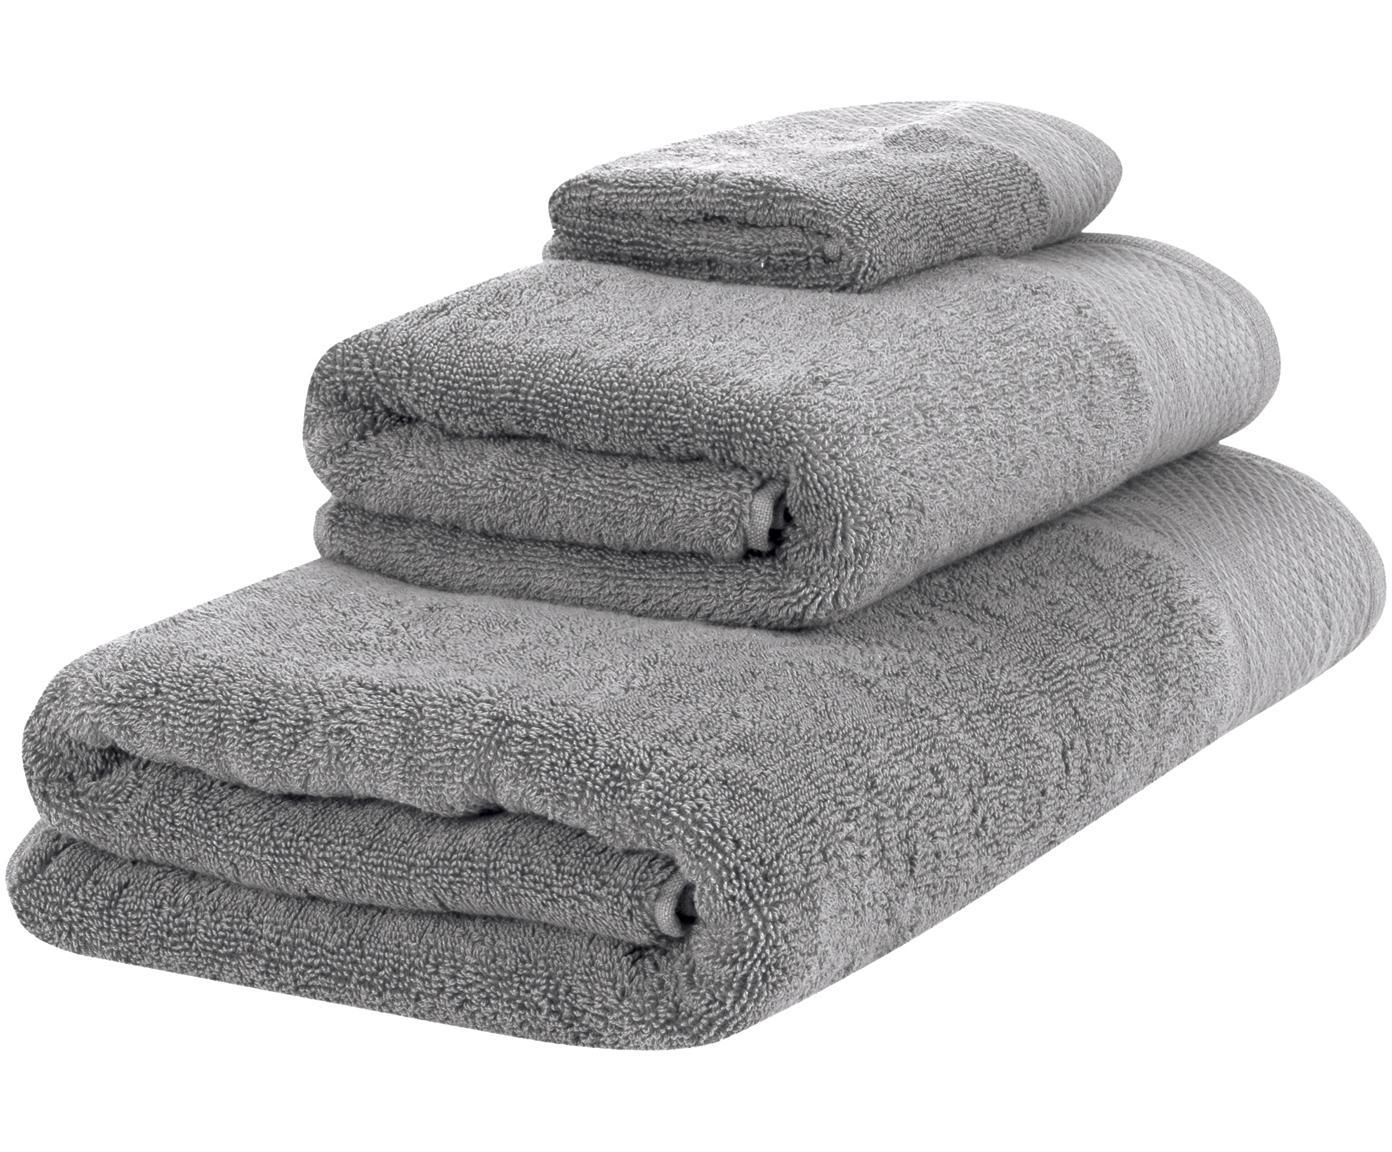 Handtuch-Set Premium mit klassischer Zierbordüre, 3-tlg., Dunkelgrau, Sondergrößen